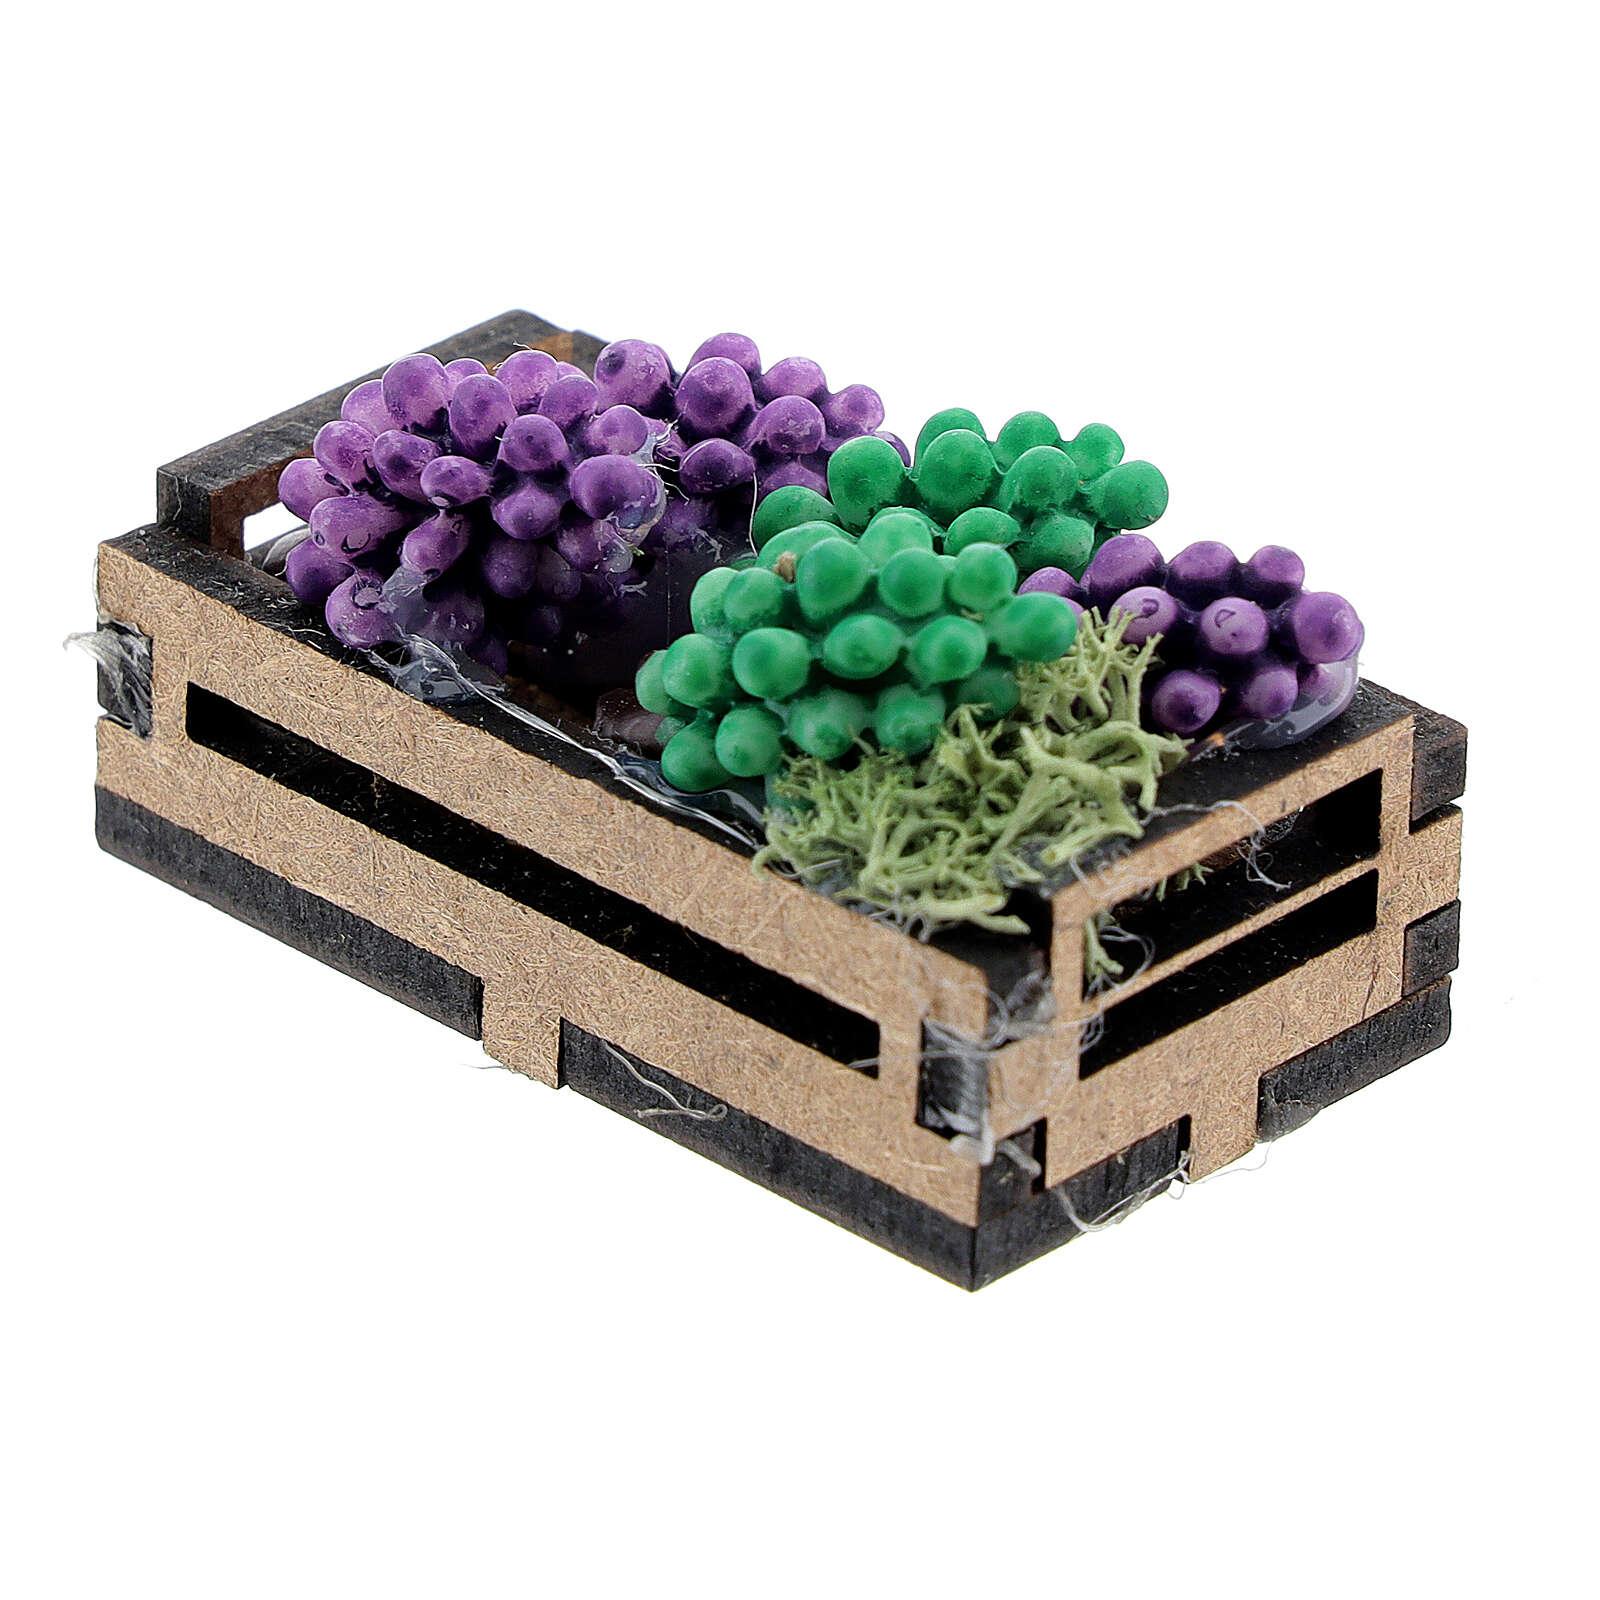 Cassa legno con uva presepe 12-14 cm 4